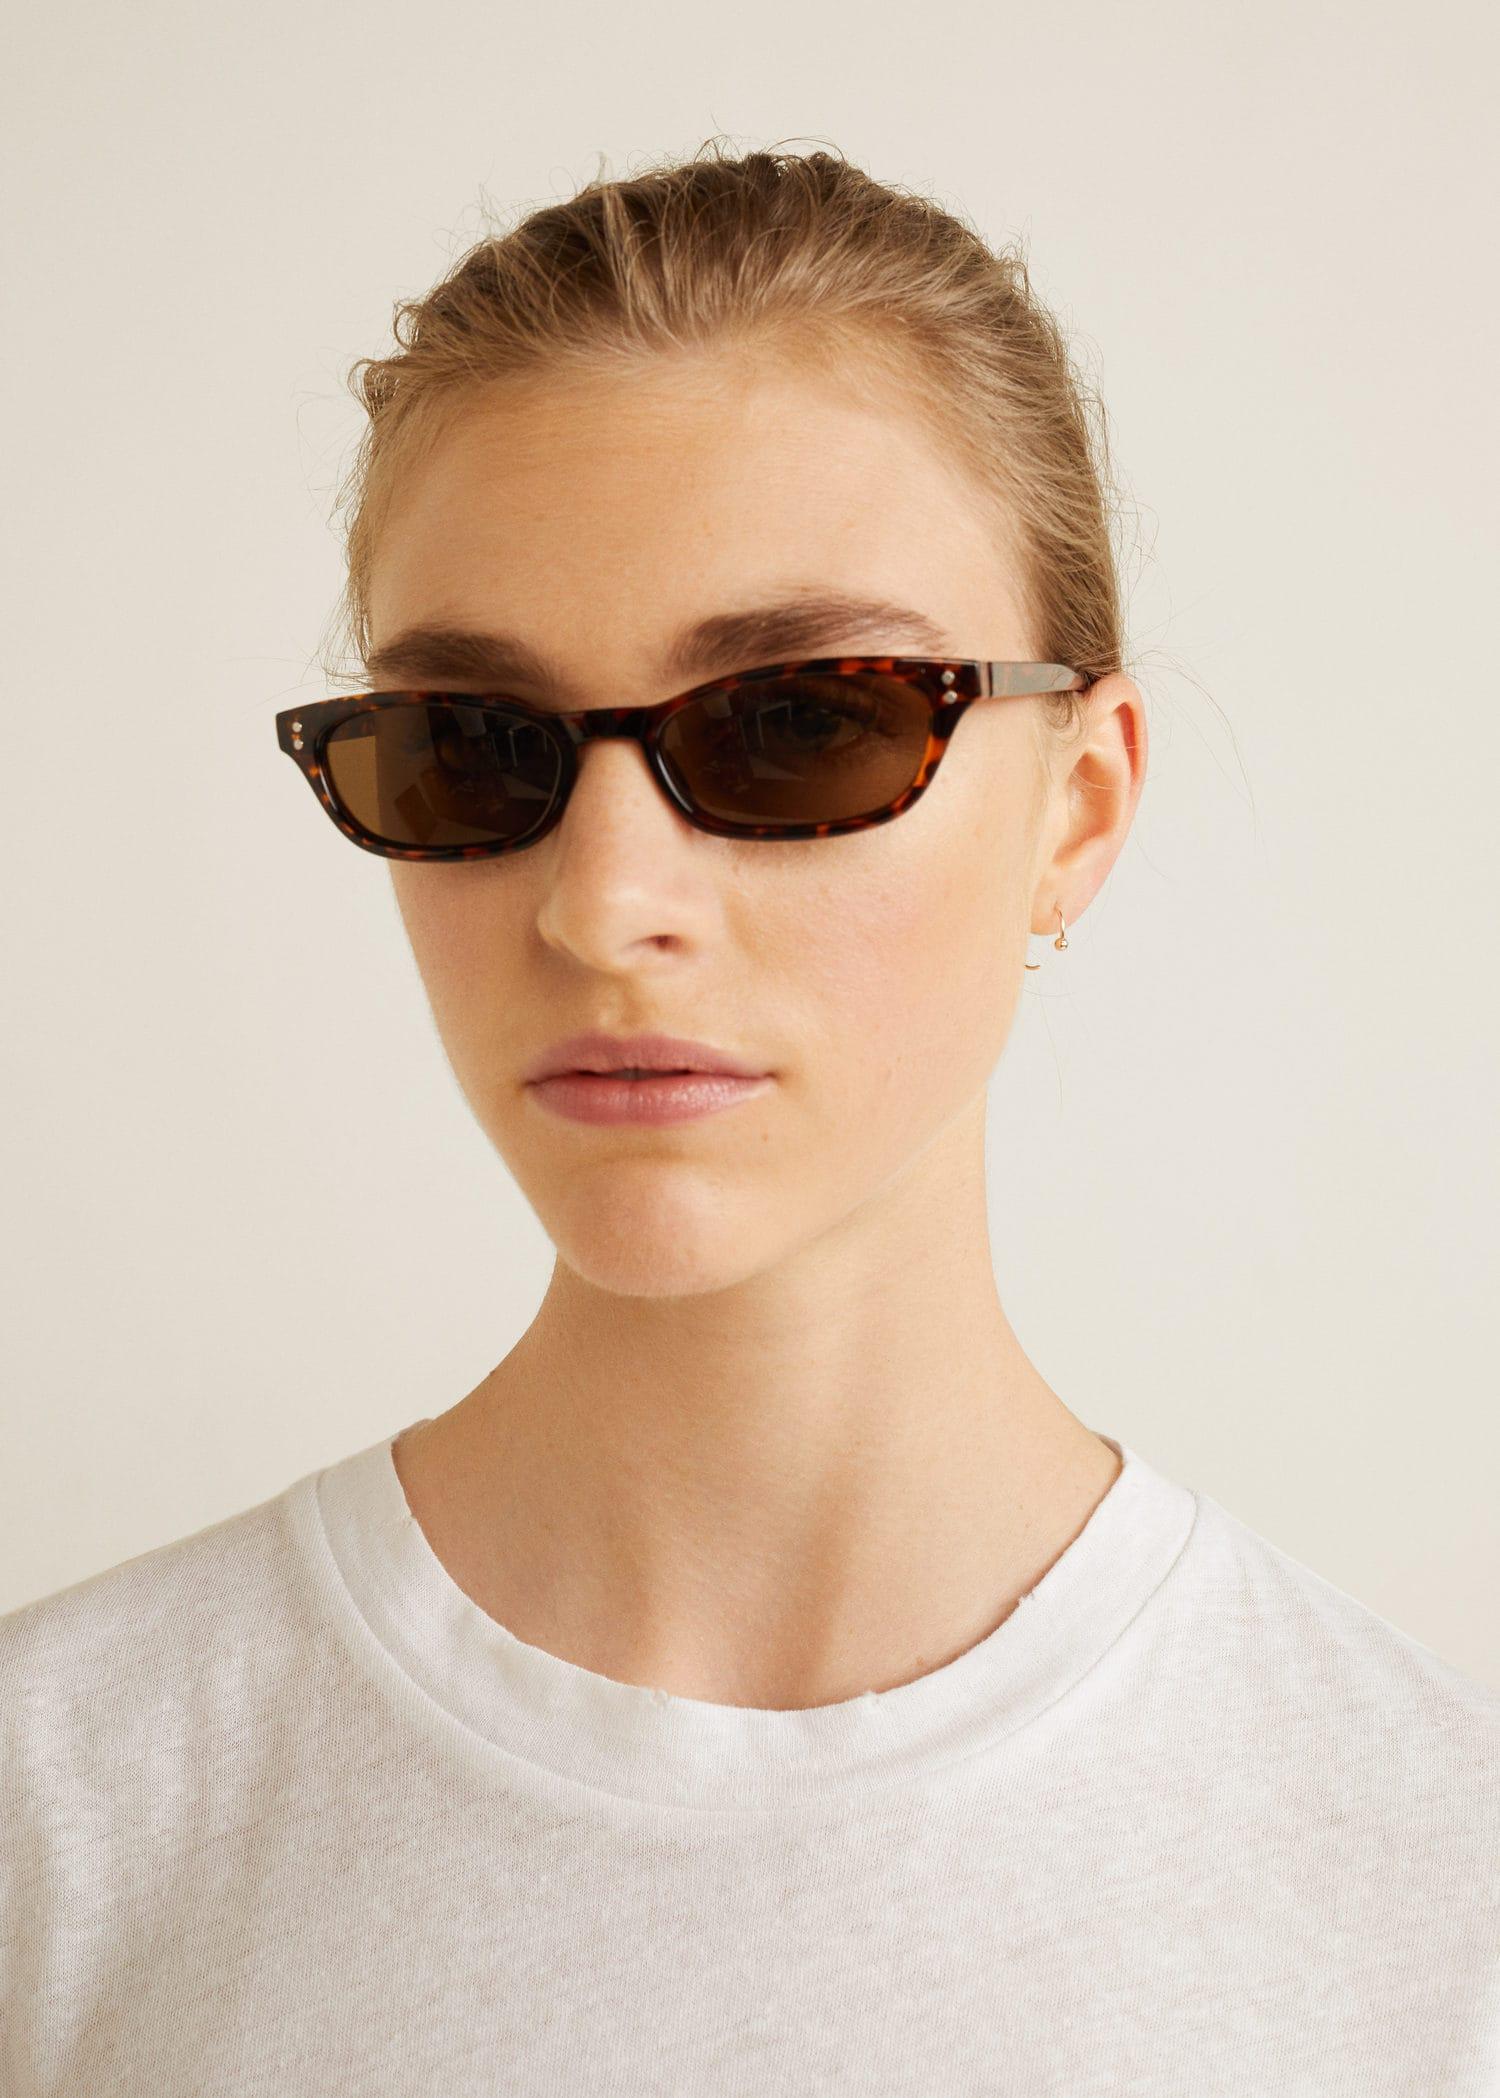 Hoornachtige zonnebril